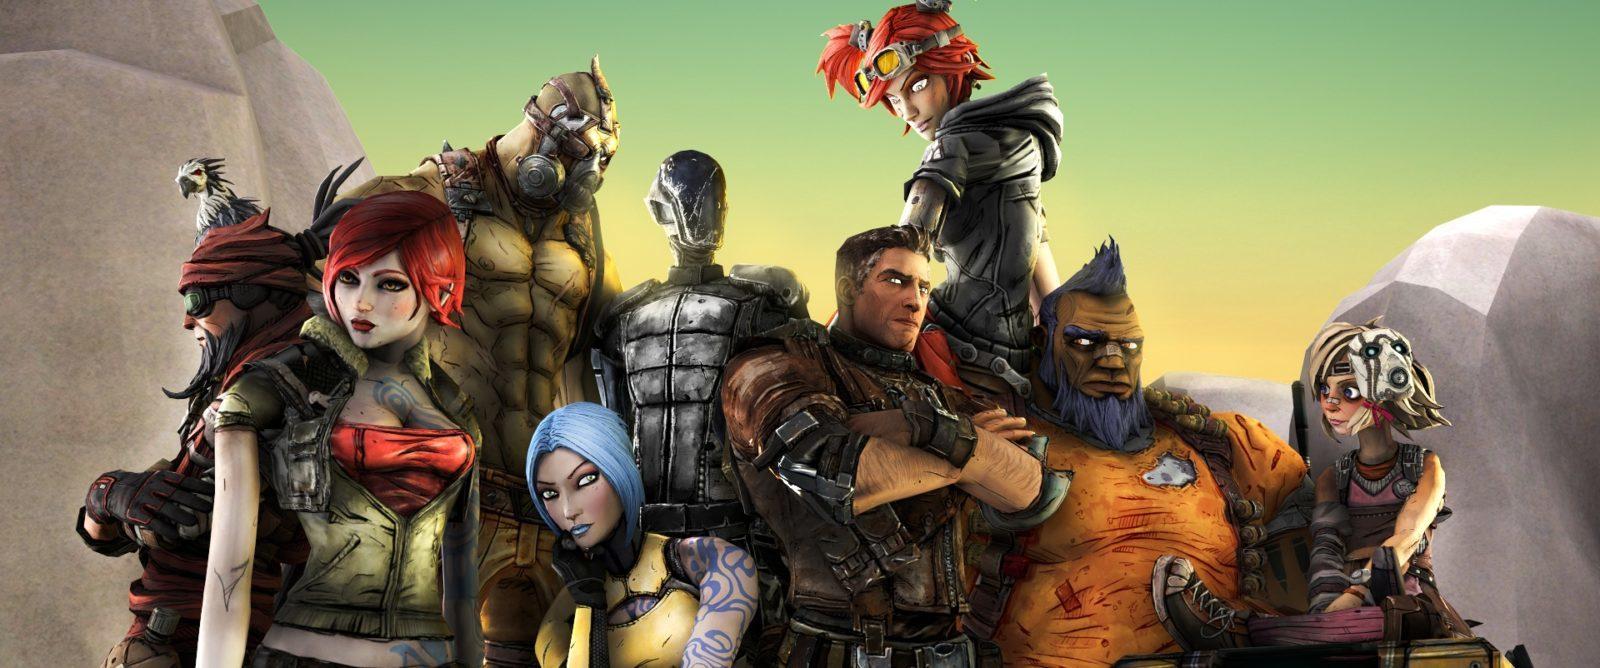 Новые персонажные постеры экранизации «Borderlands»